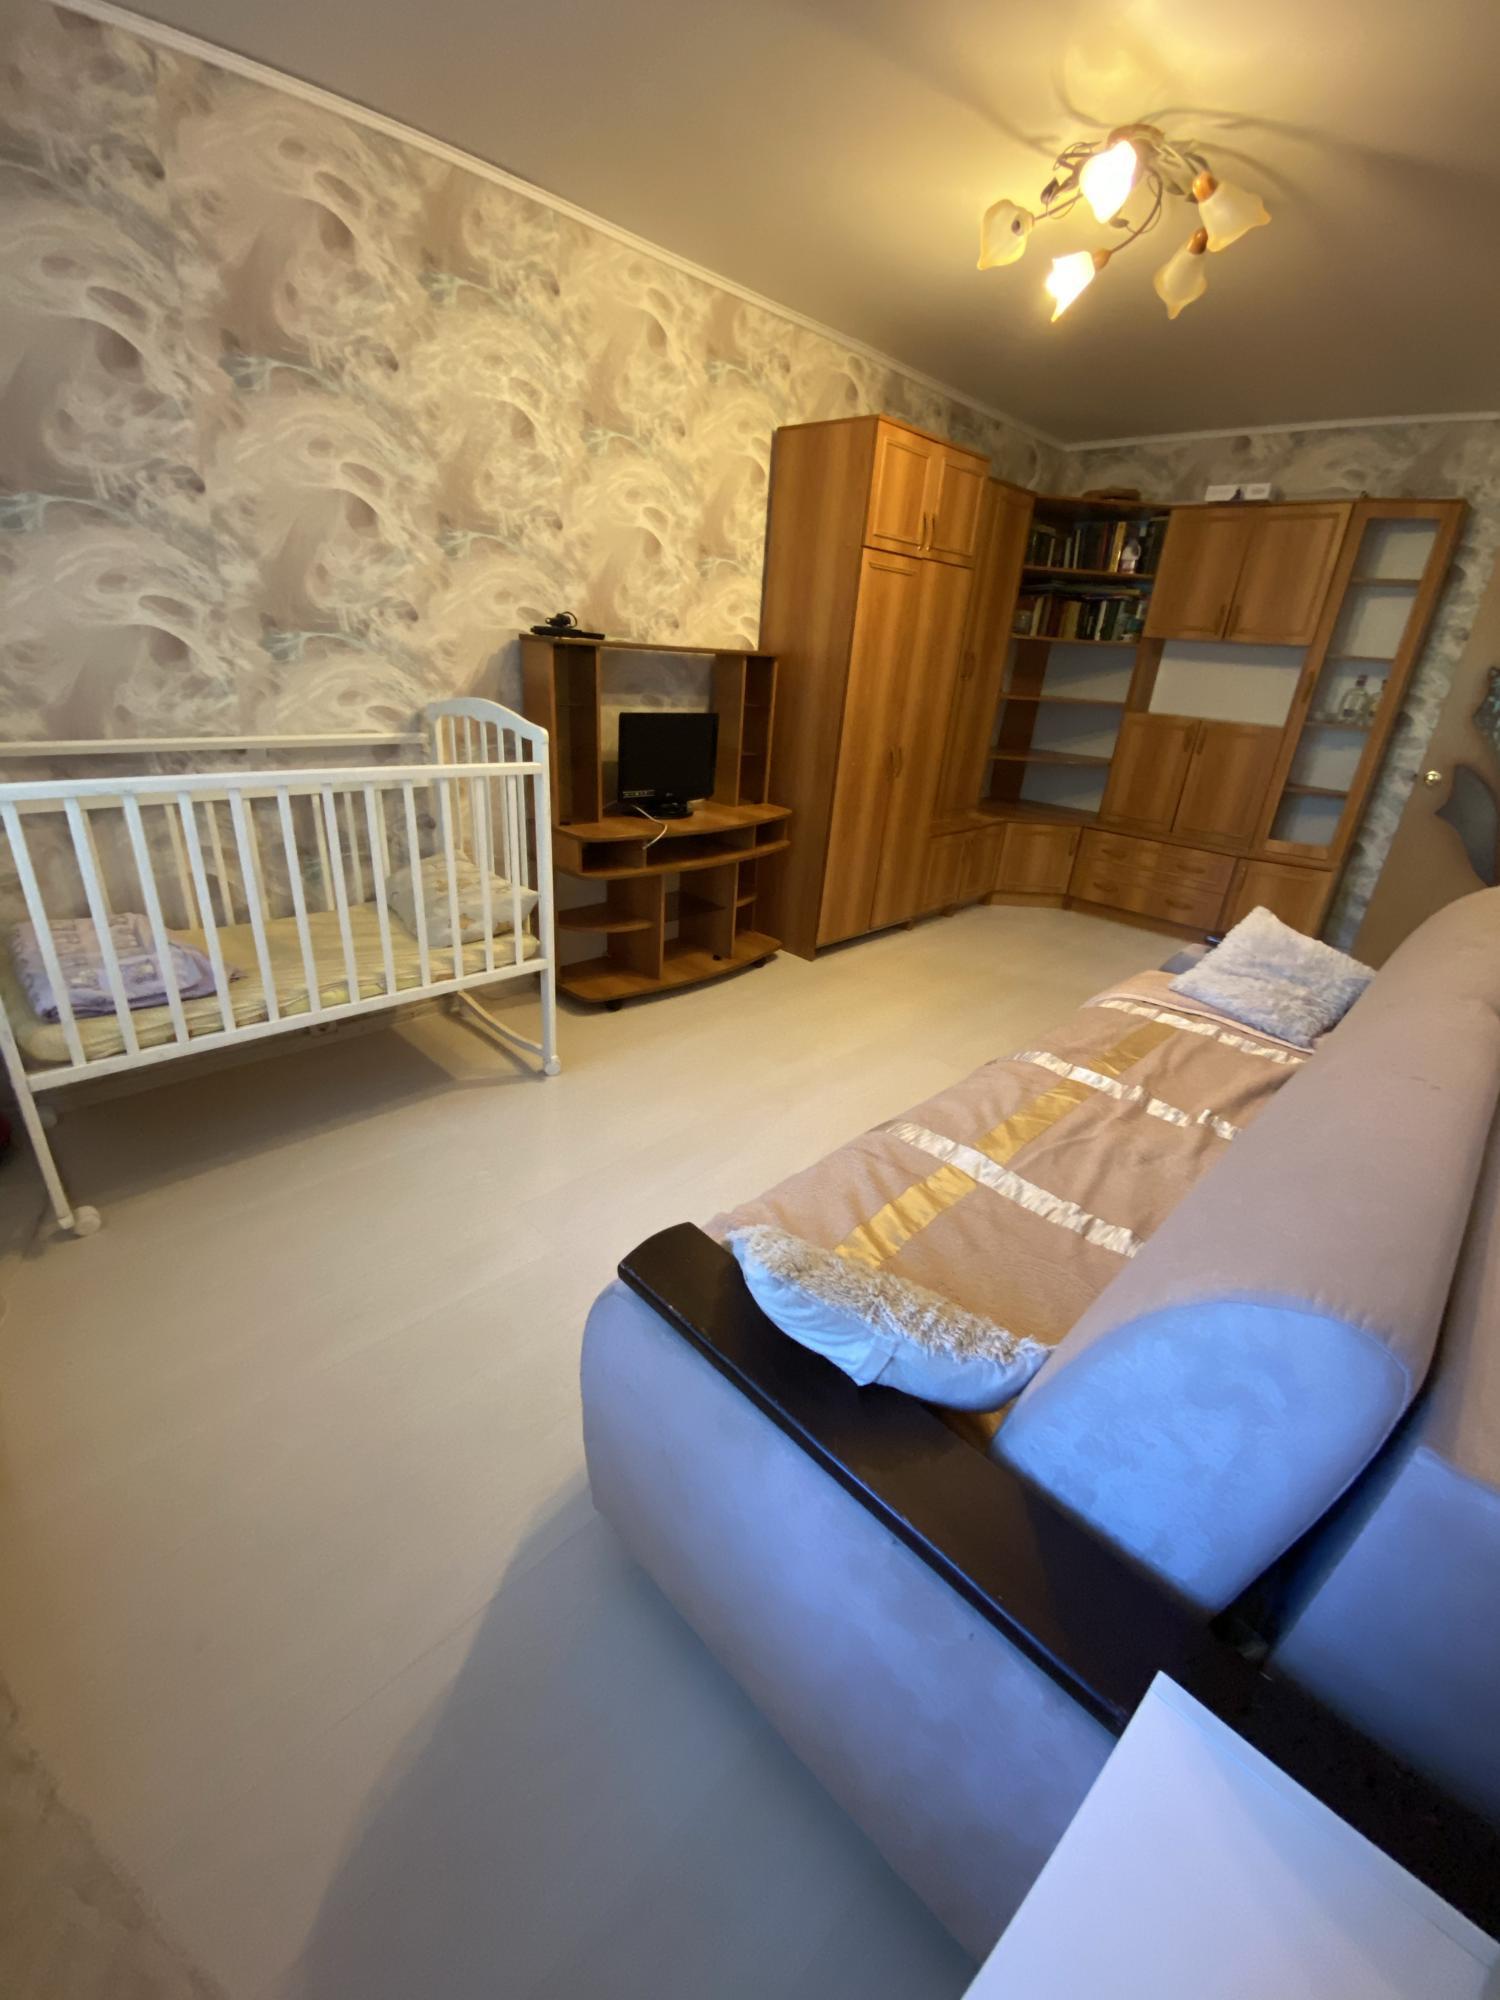 Квартира, 2 комнаты, 43 м² в Пушкино 89773266704 купить 1